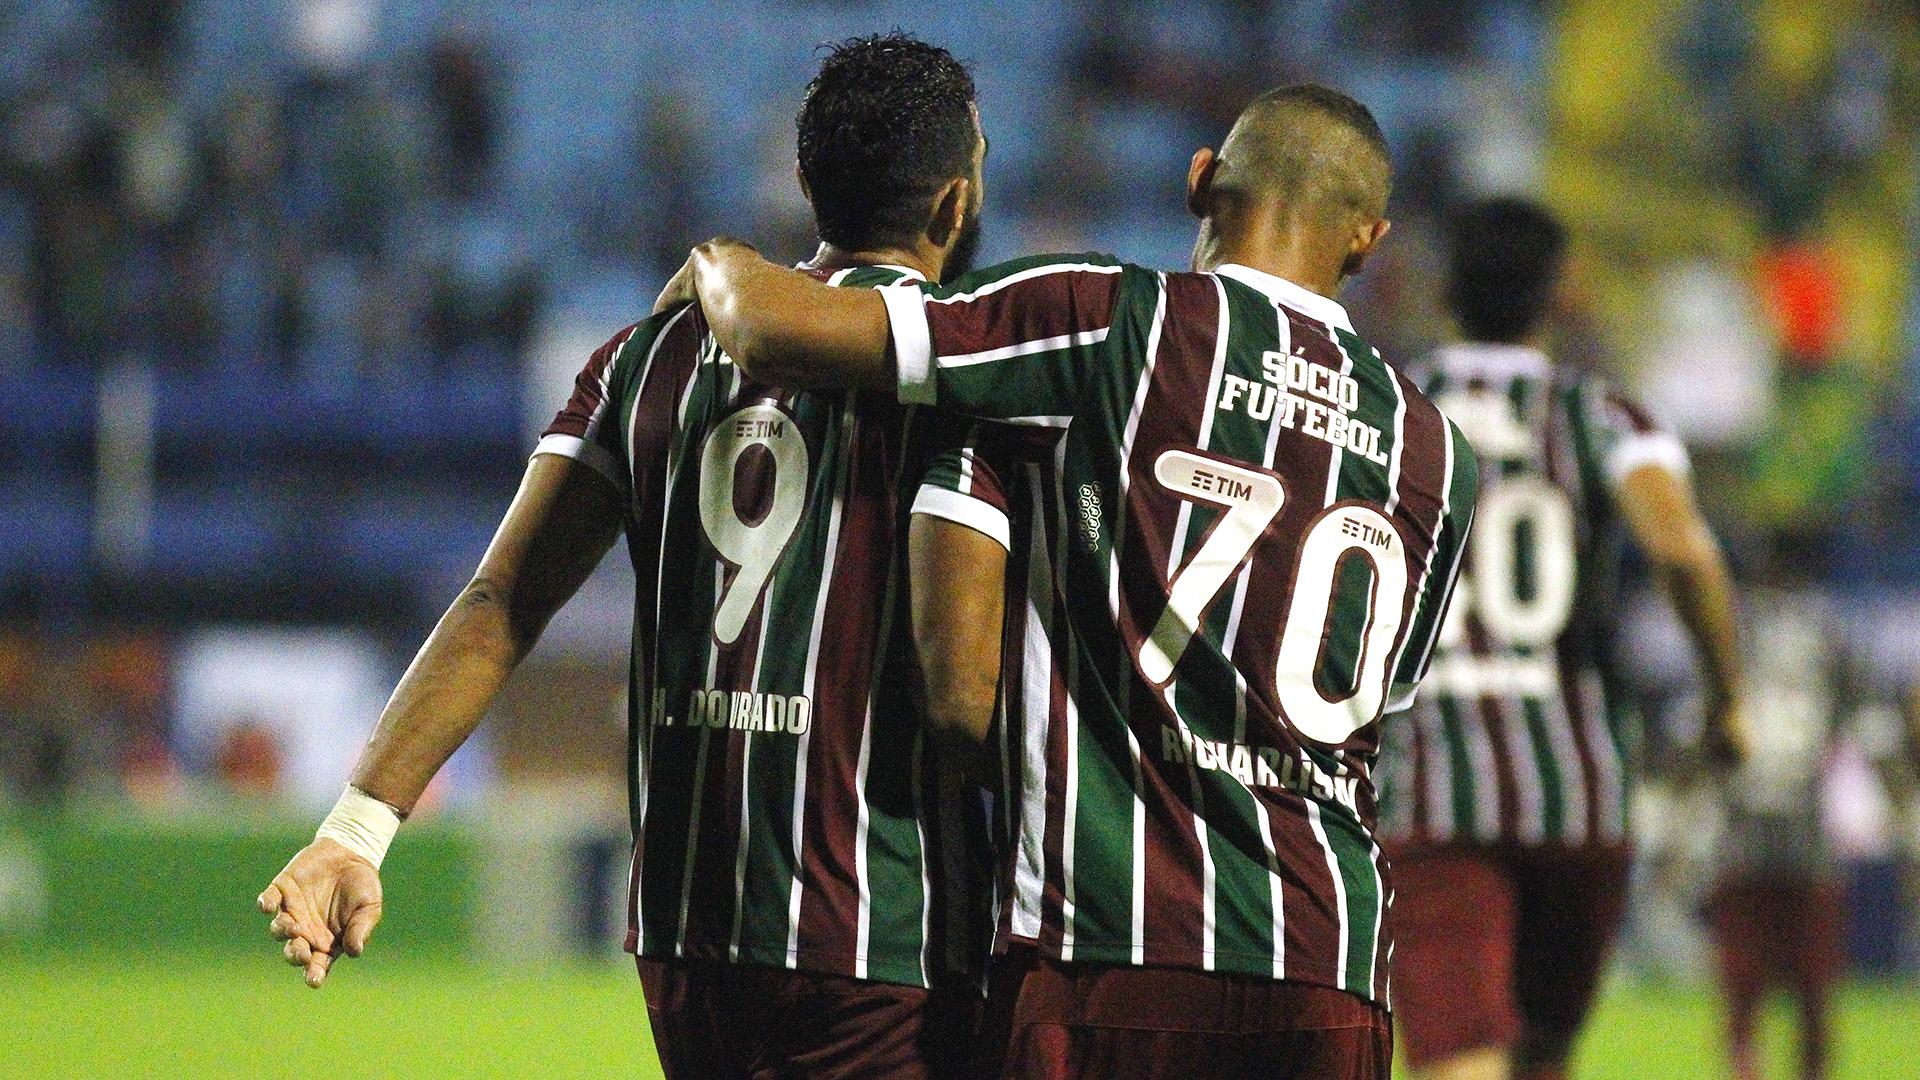 Richarlison Henrique Dourado Avai Fluminense Brasileirao Serie A 21062017